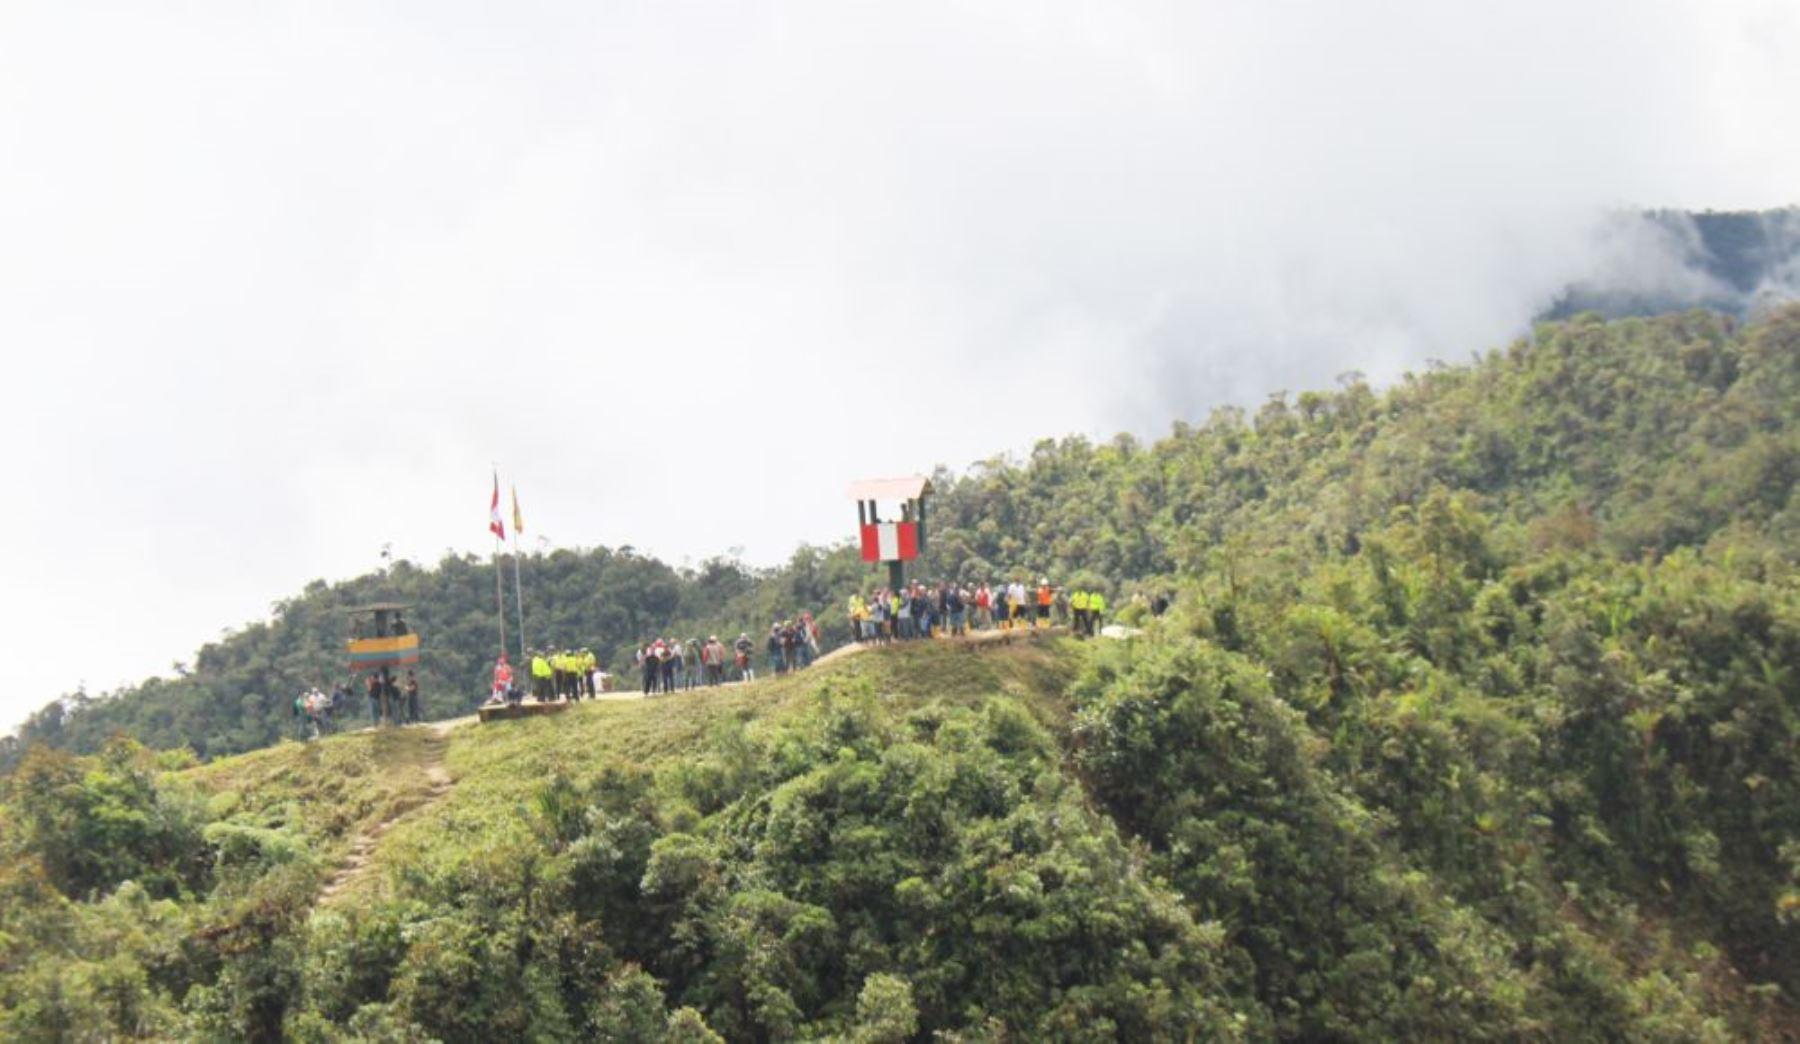 Poder Judicial: Ichigtak mujanum consulta previa atsusu asamtai minera takamainchau juwakua nunu nuwigtu nugka wajukukita nunu diiyamush atsusua